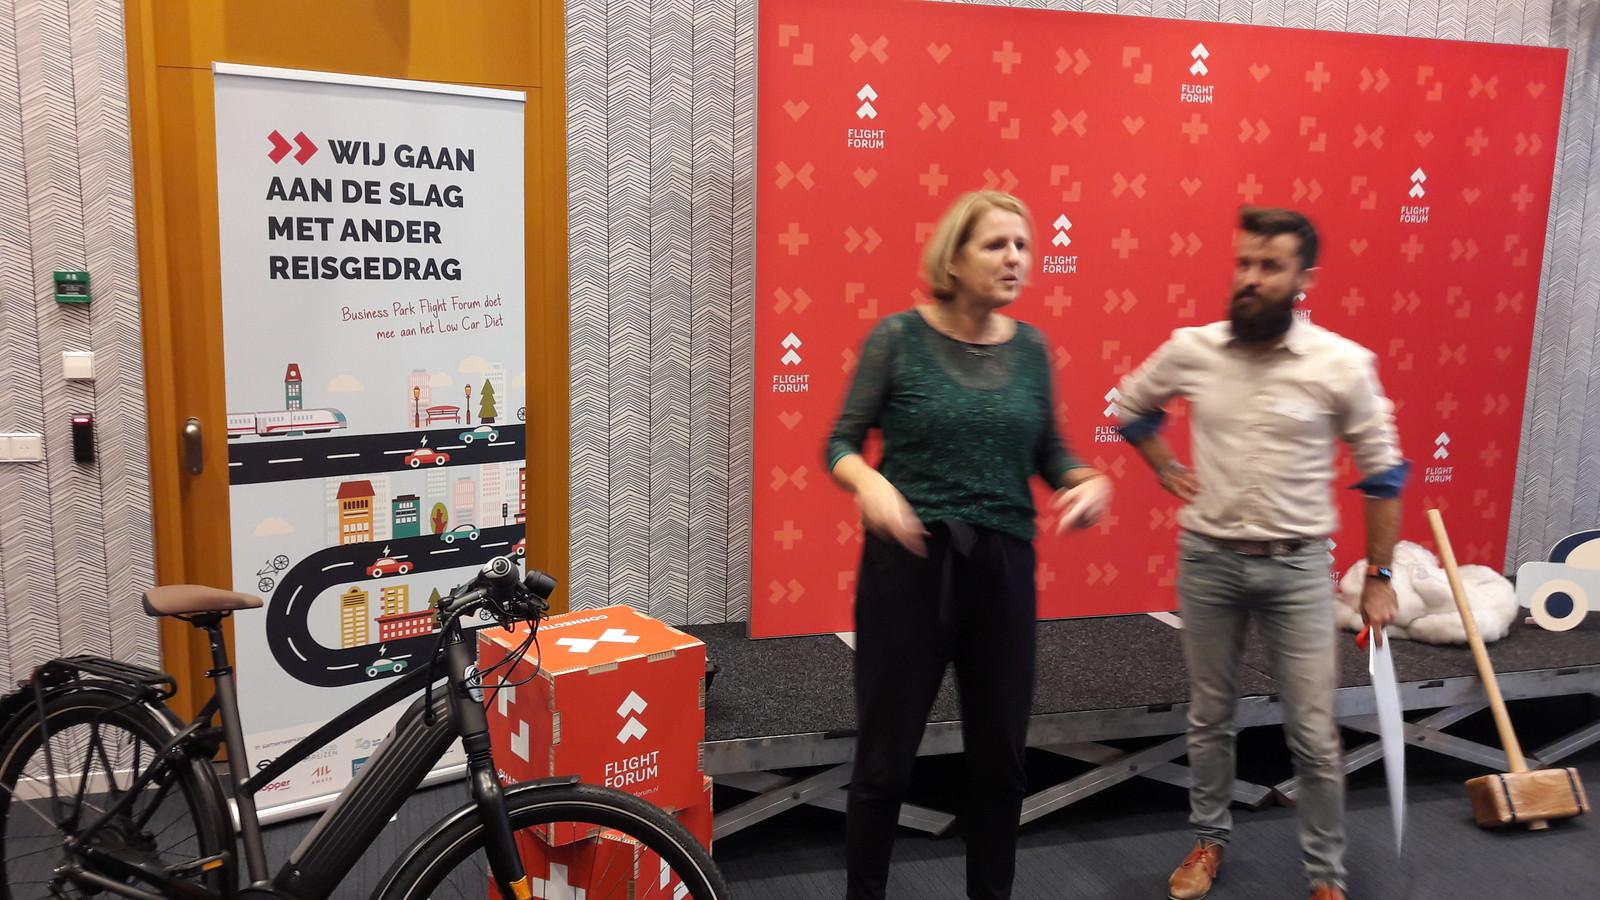 Wethouder Monique List met Aral Voskamp bij de opening van de Low Car Diet-campagne op Flight Forum in Eindhoven.